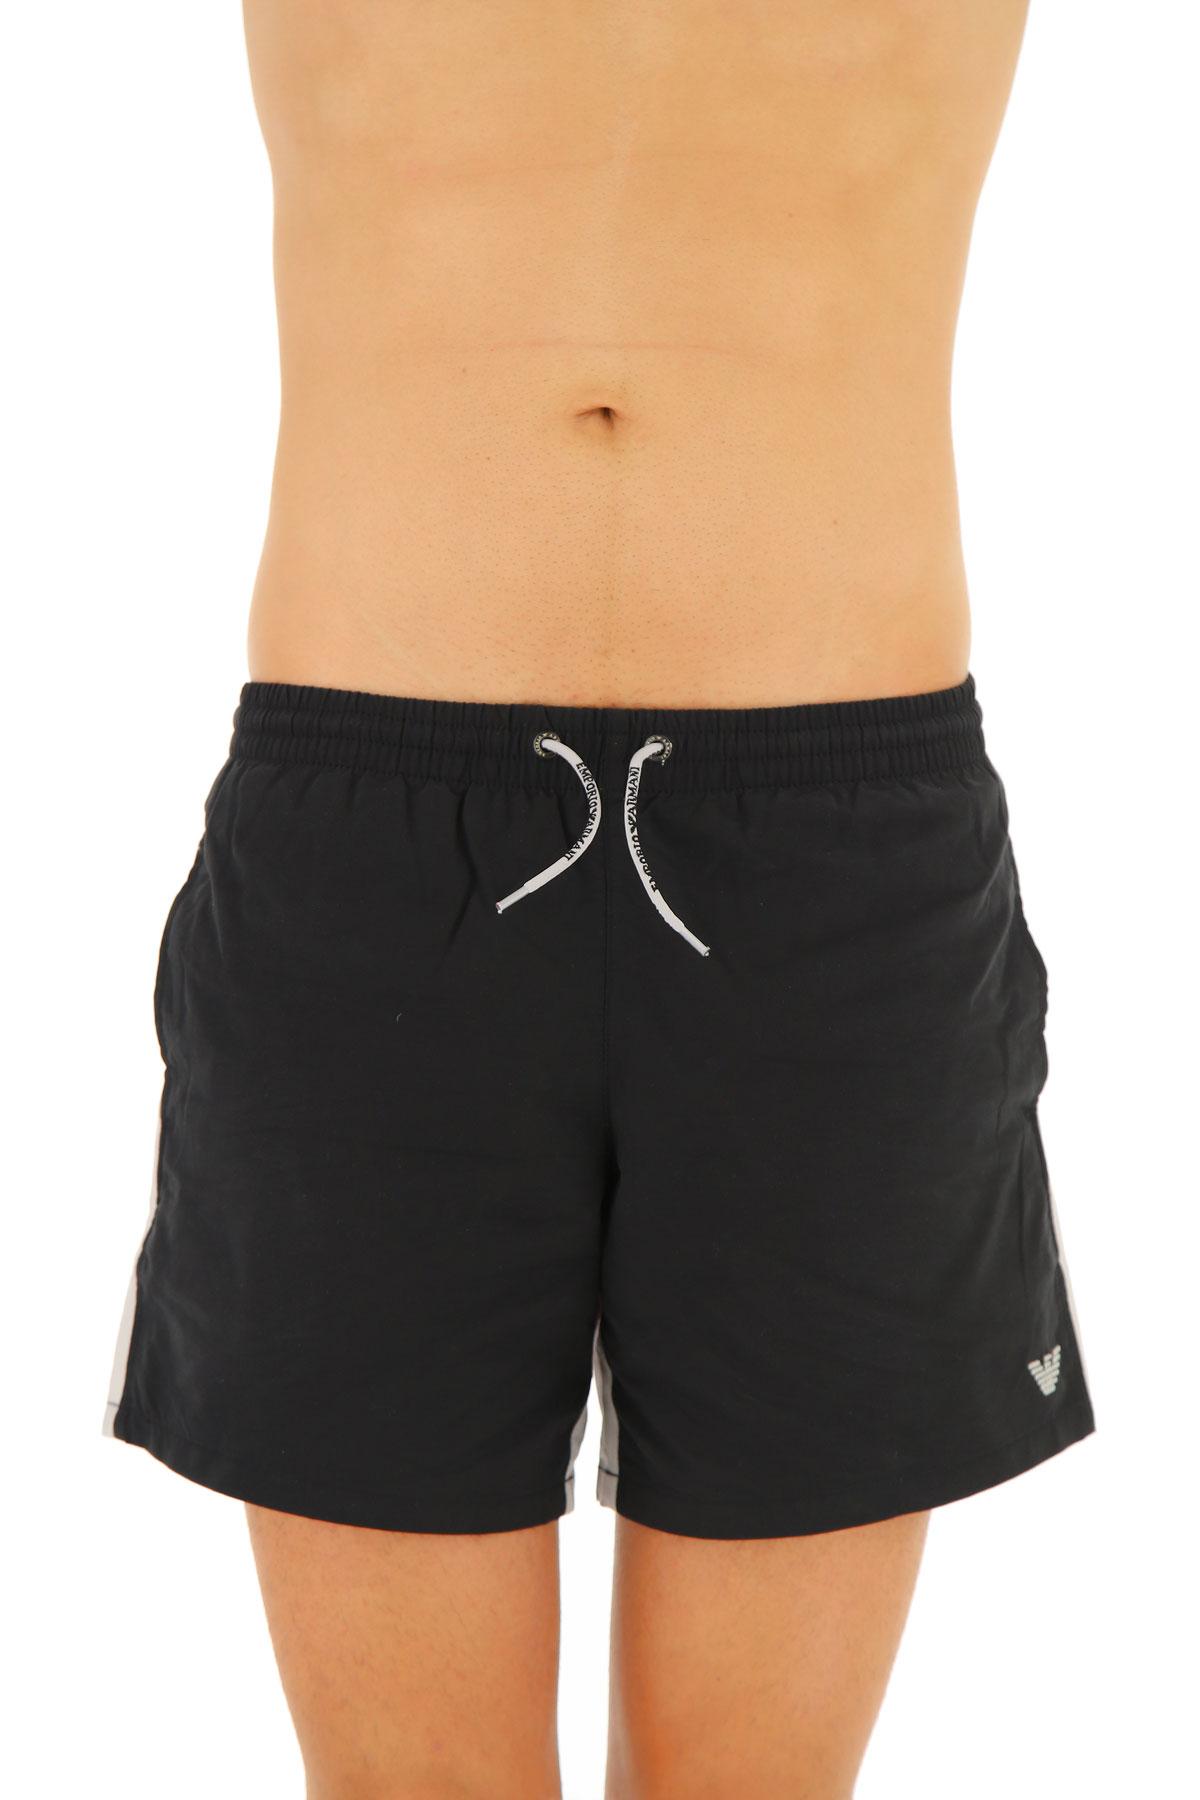 2adc53bd13bb2 Mens Swimwear Emporio Armani, Style code: 211391-2p447-00020